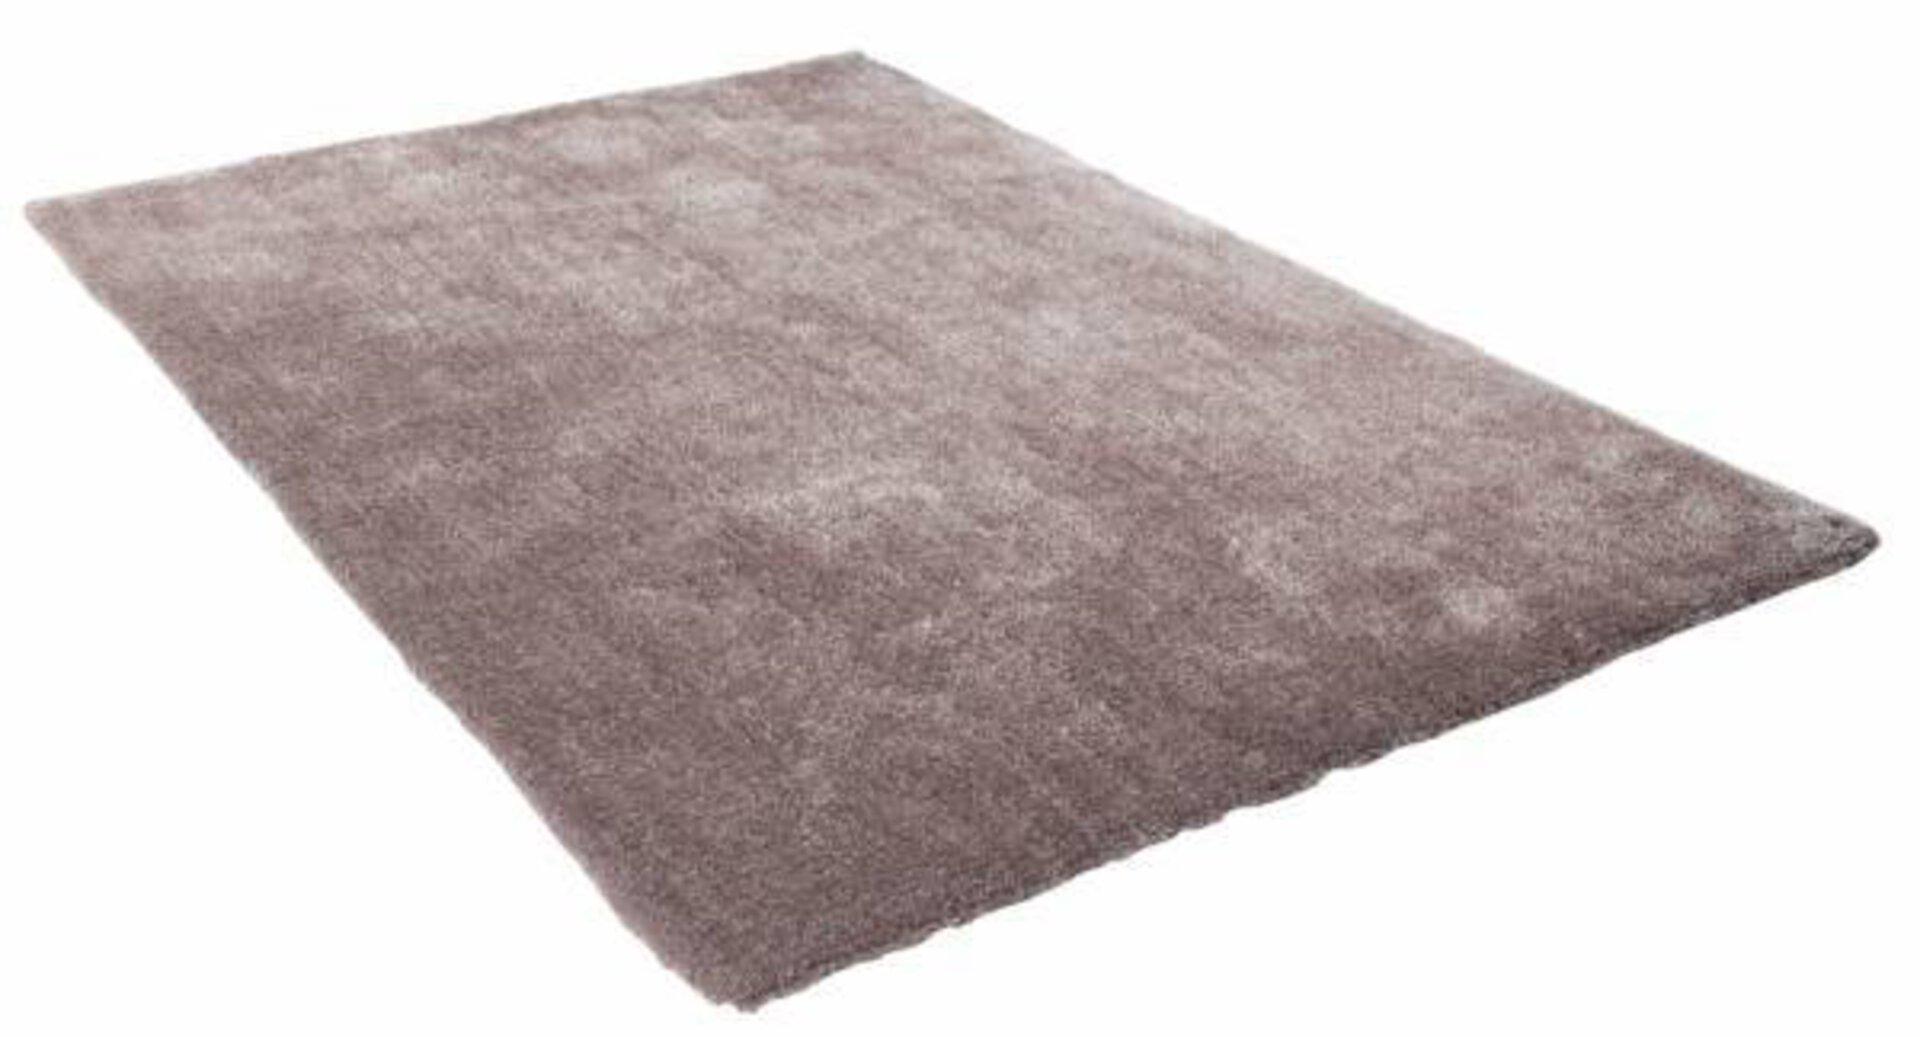 Hochflorteppich Soft Tom Tailor Textil 65 x 135 cm